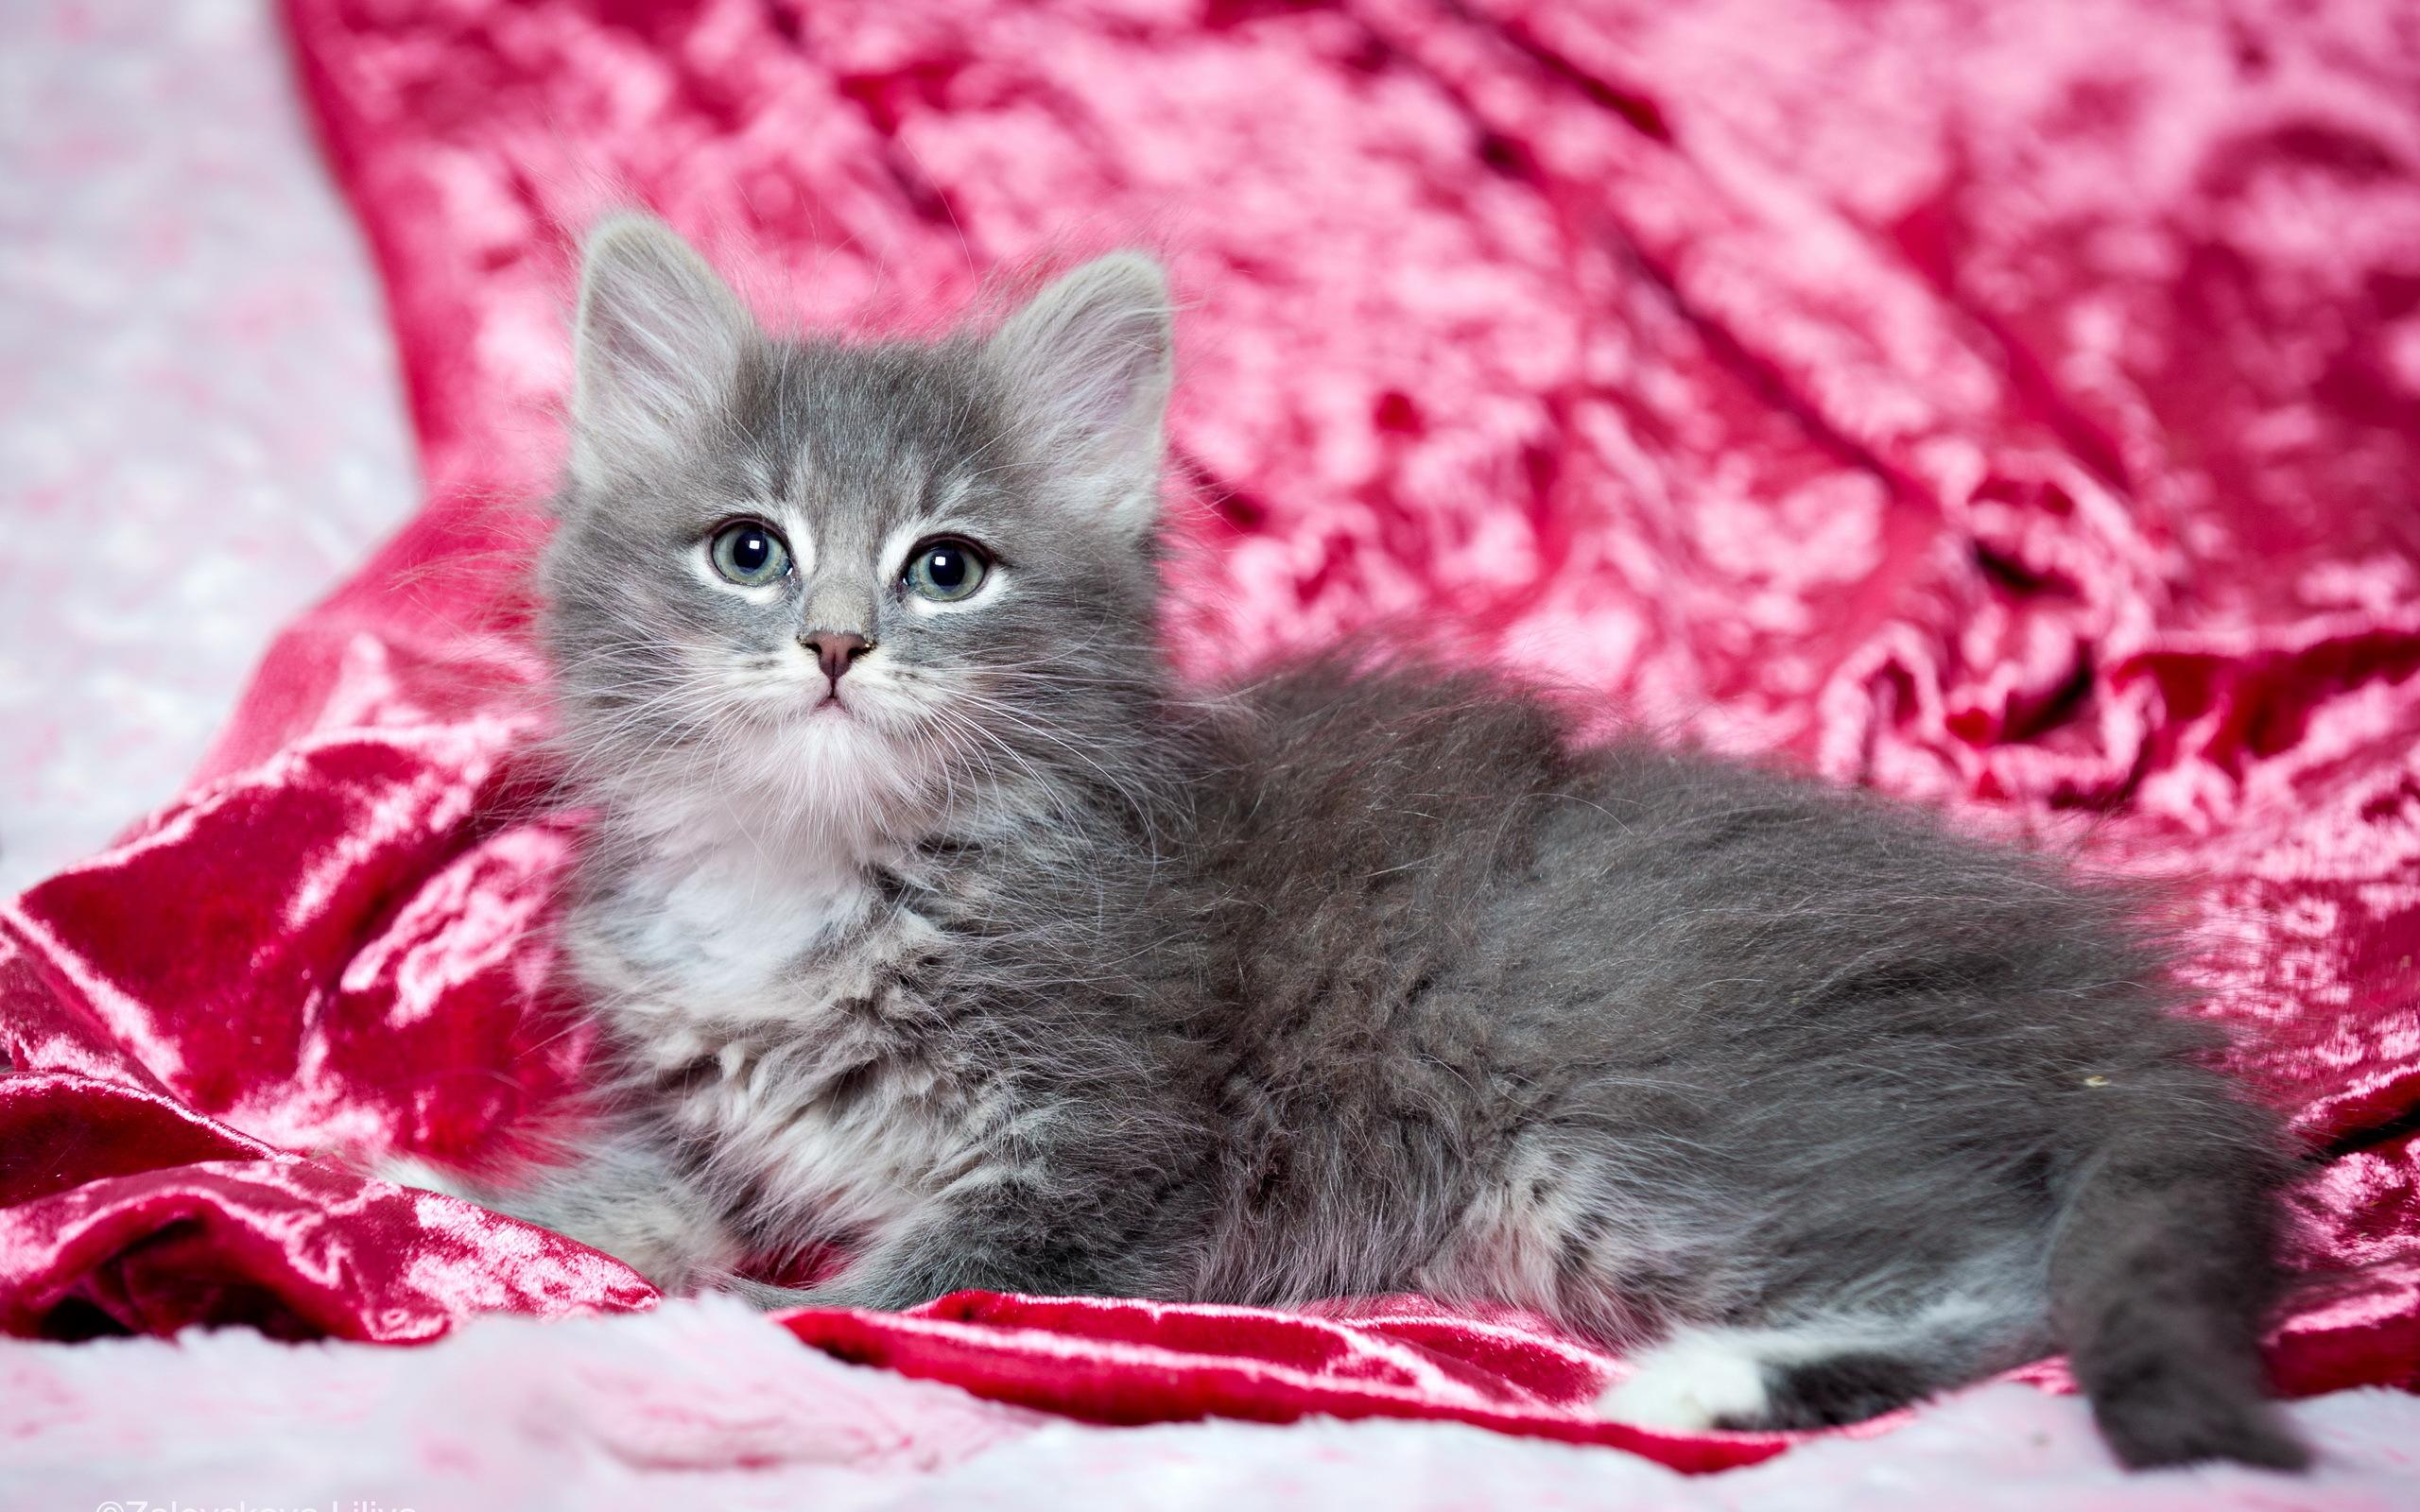 котенок дымчатый kitten smoky  № 2344478 загрузить